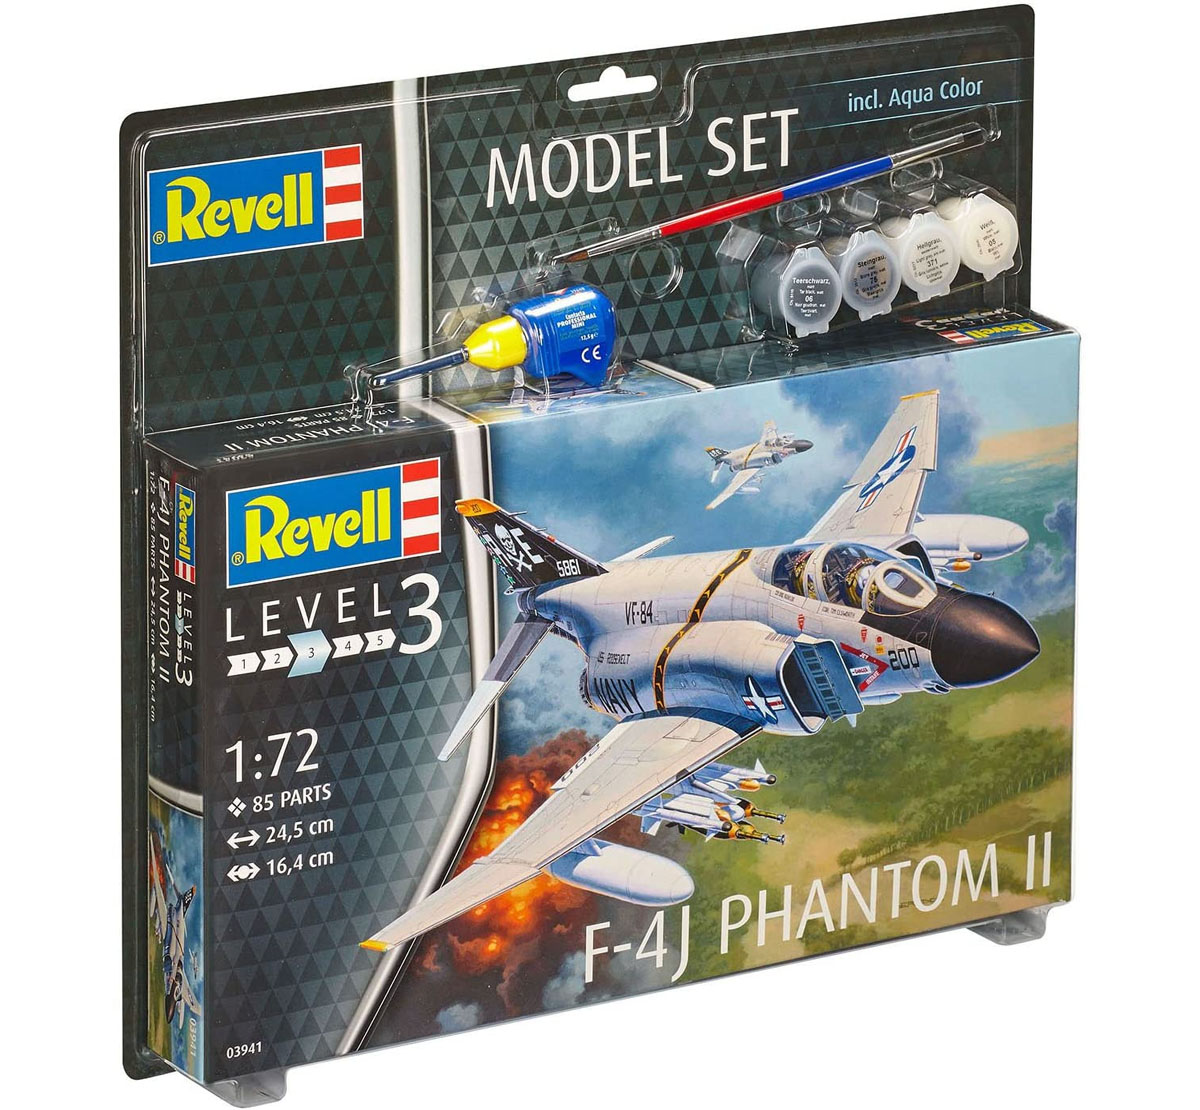 Model Set F-4J Phantom II - 1/72 - Revell 63941  - BLIMPS COMÉRCIO ELETRÔNICO